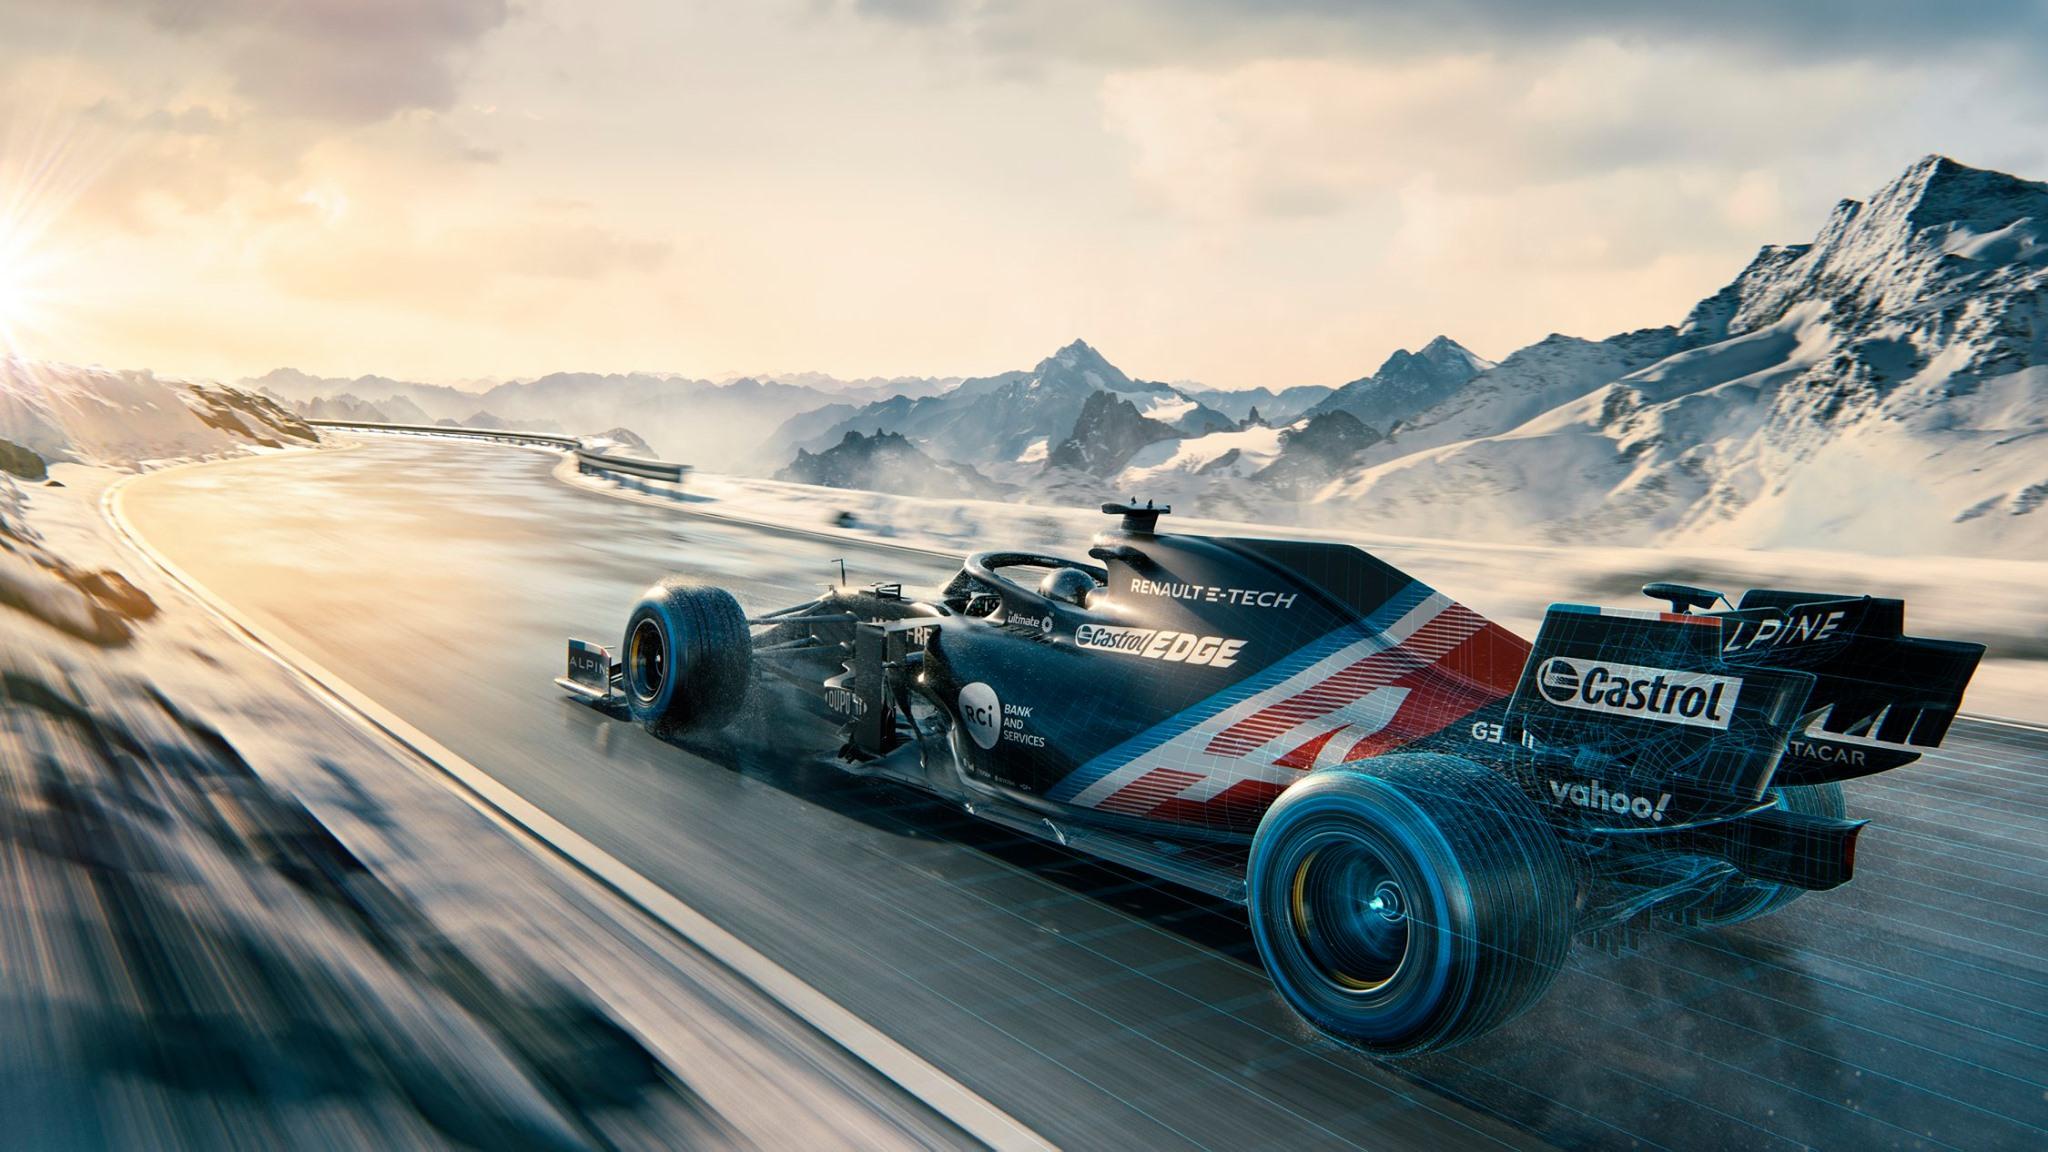 Alpine presenta el A521 con el que competirá en la F1